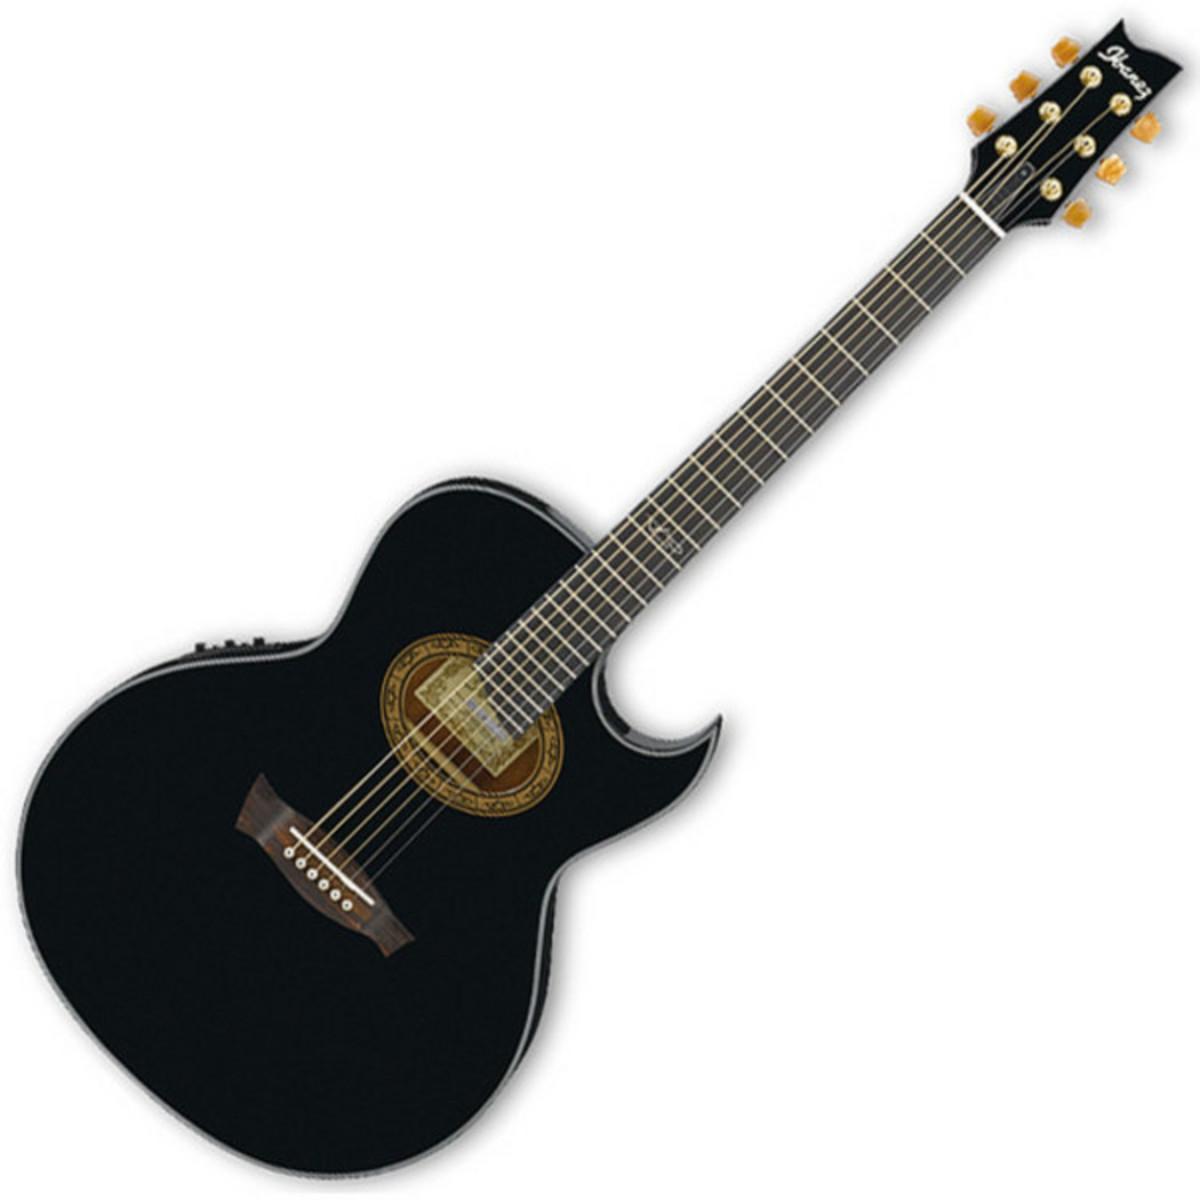 puis ibanez ep5 steve vai guitare electro acoustique. Black Bedroom Furniture Sets. Home Design Ideas